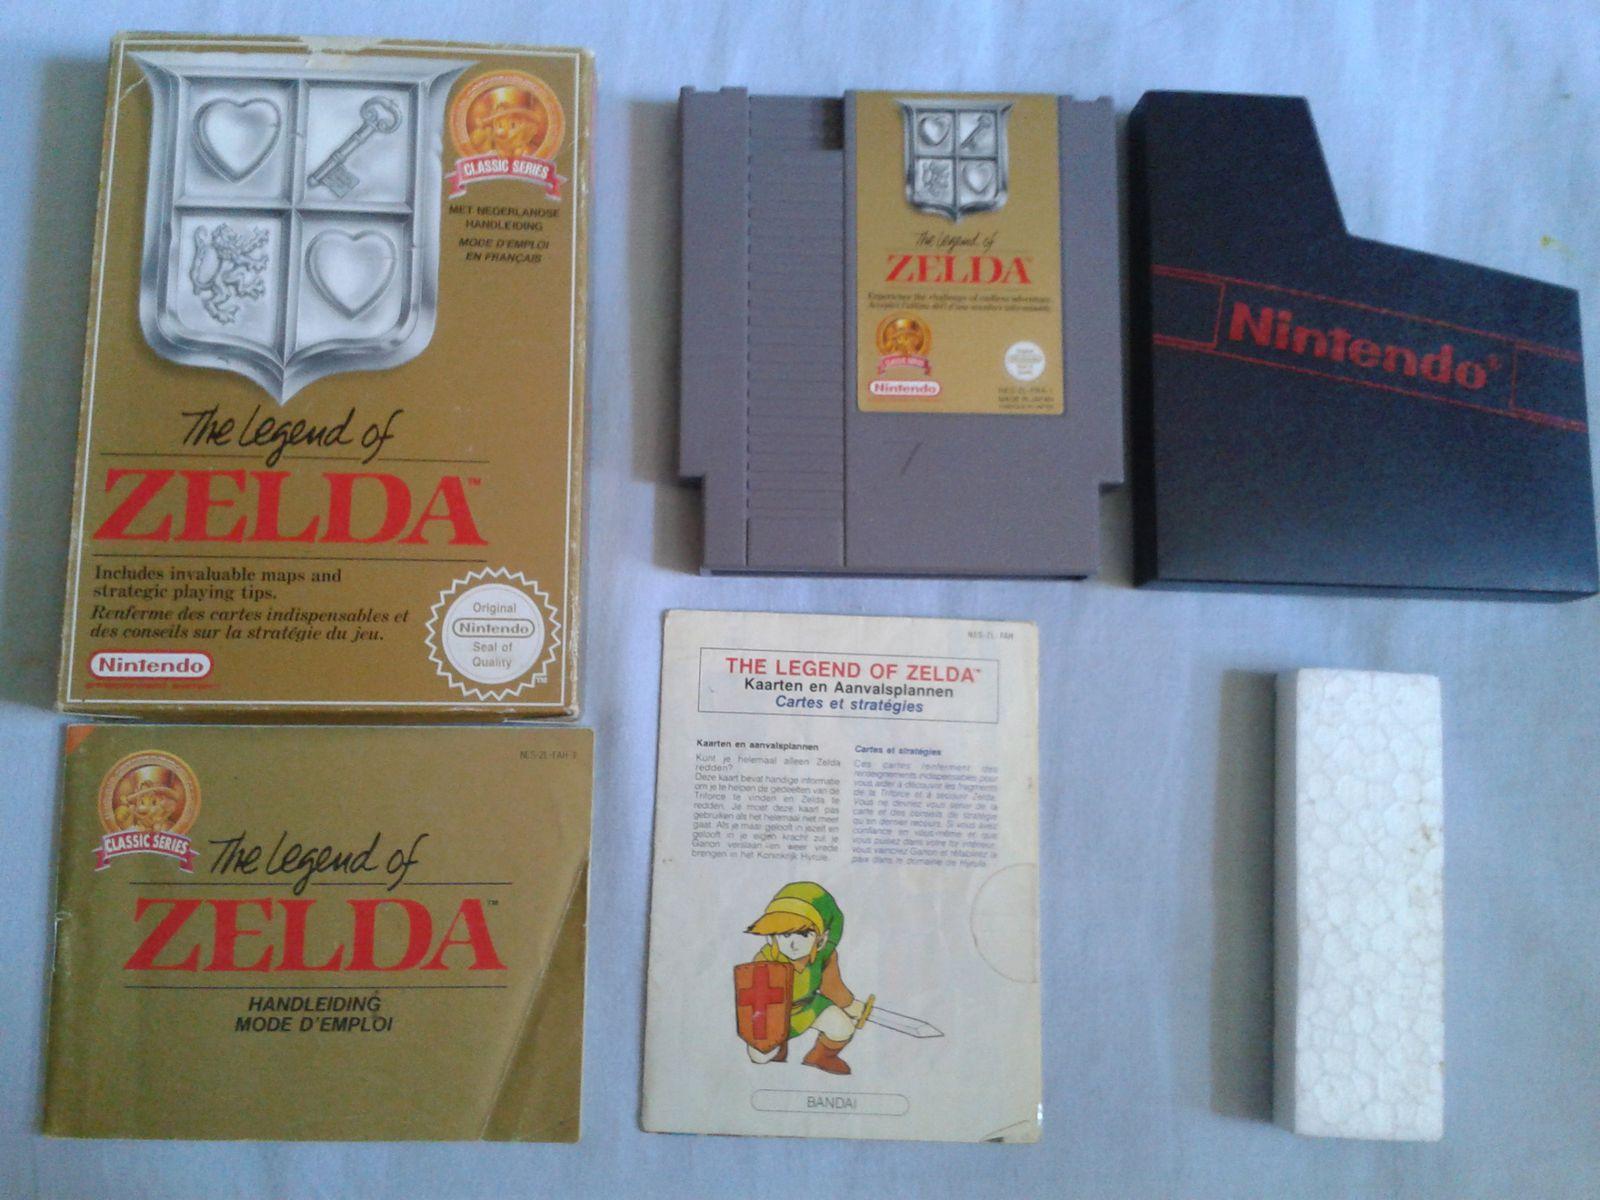 Legend of Zelda (Classic series)